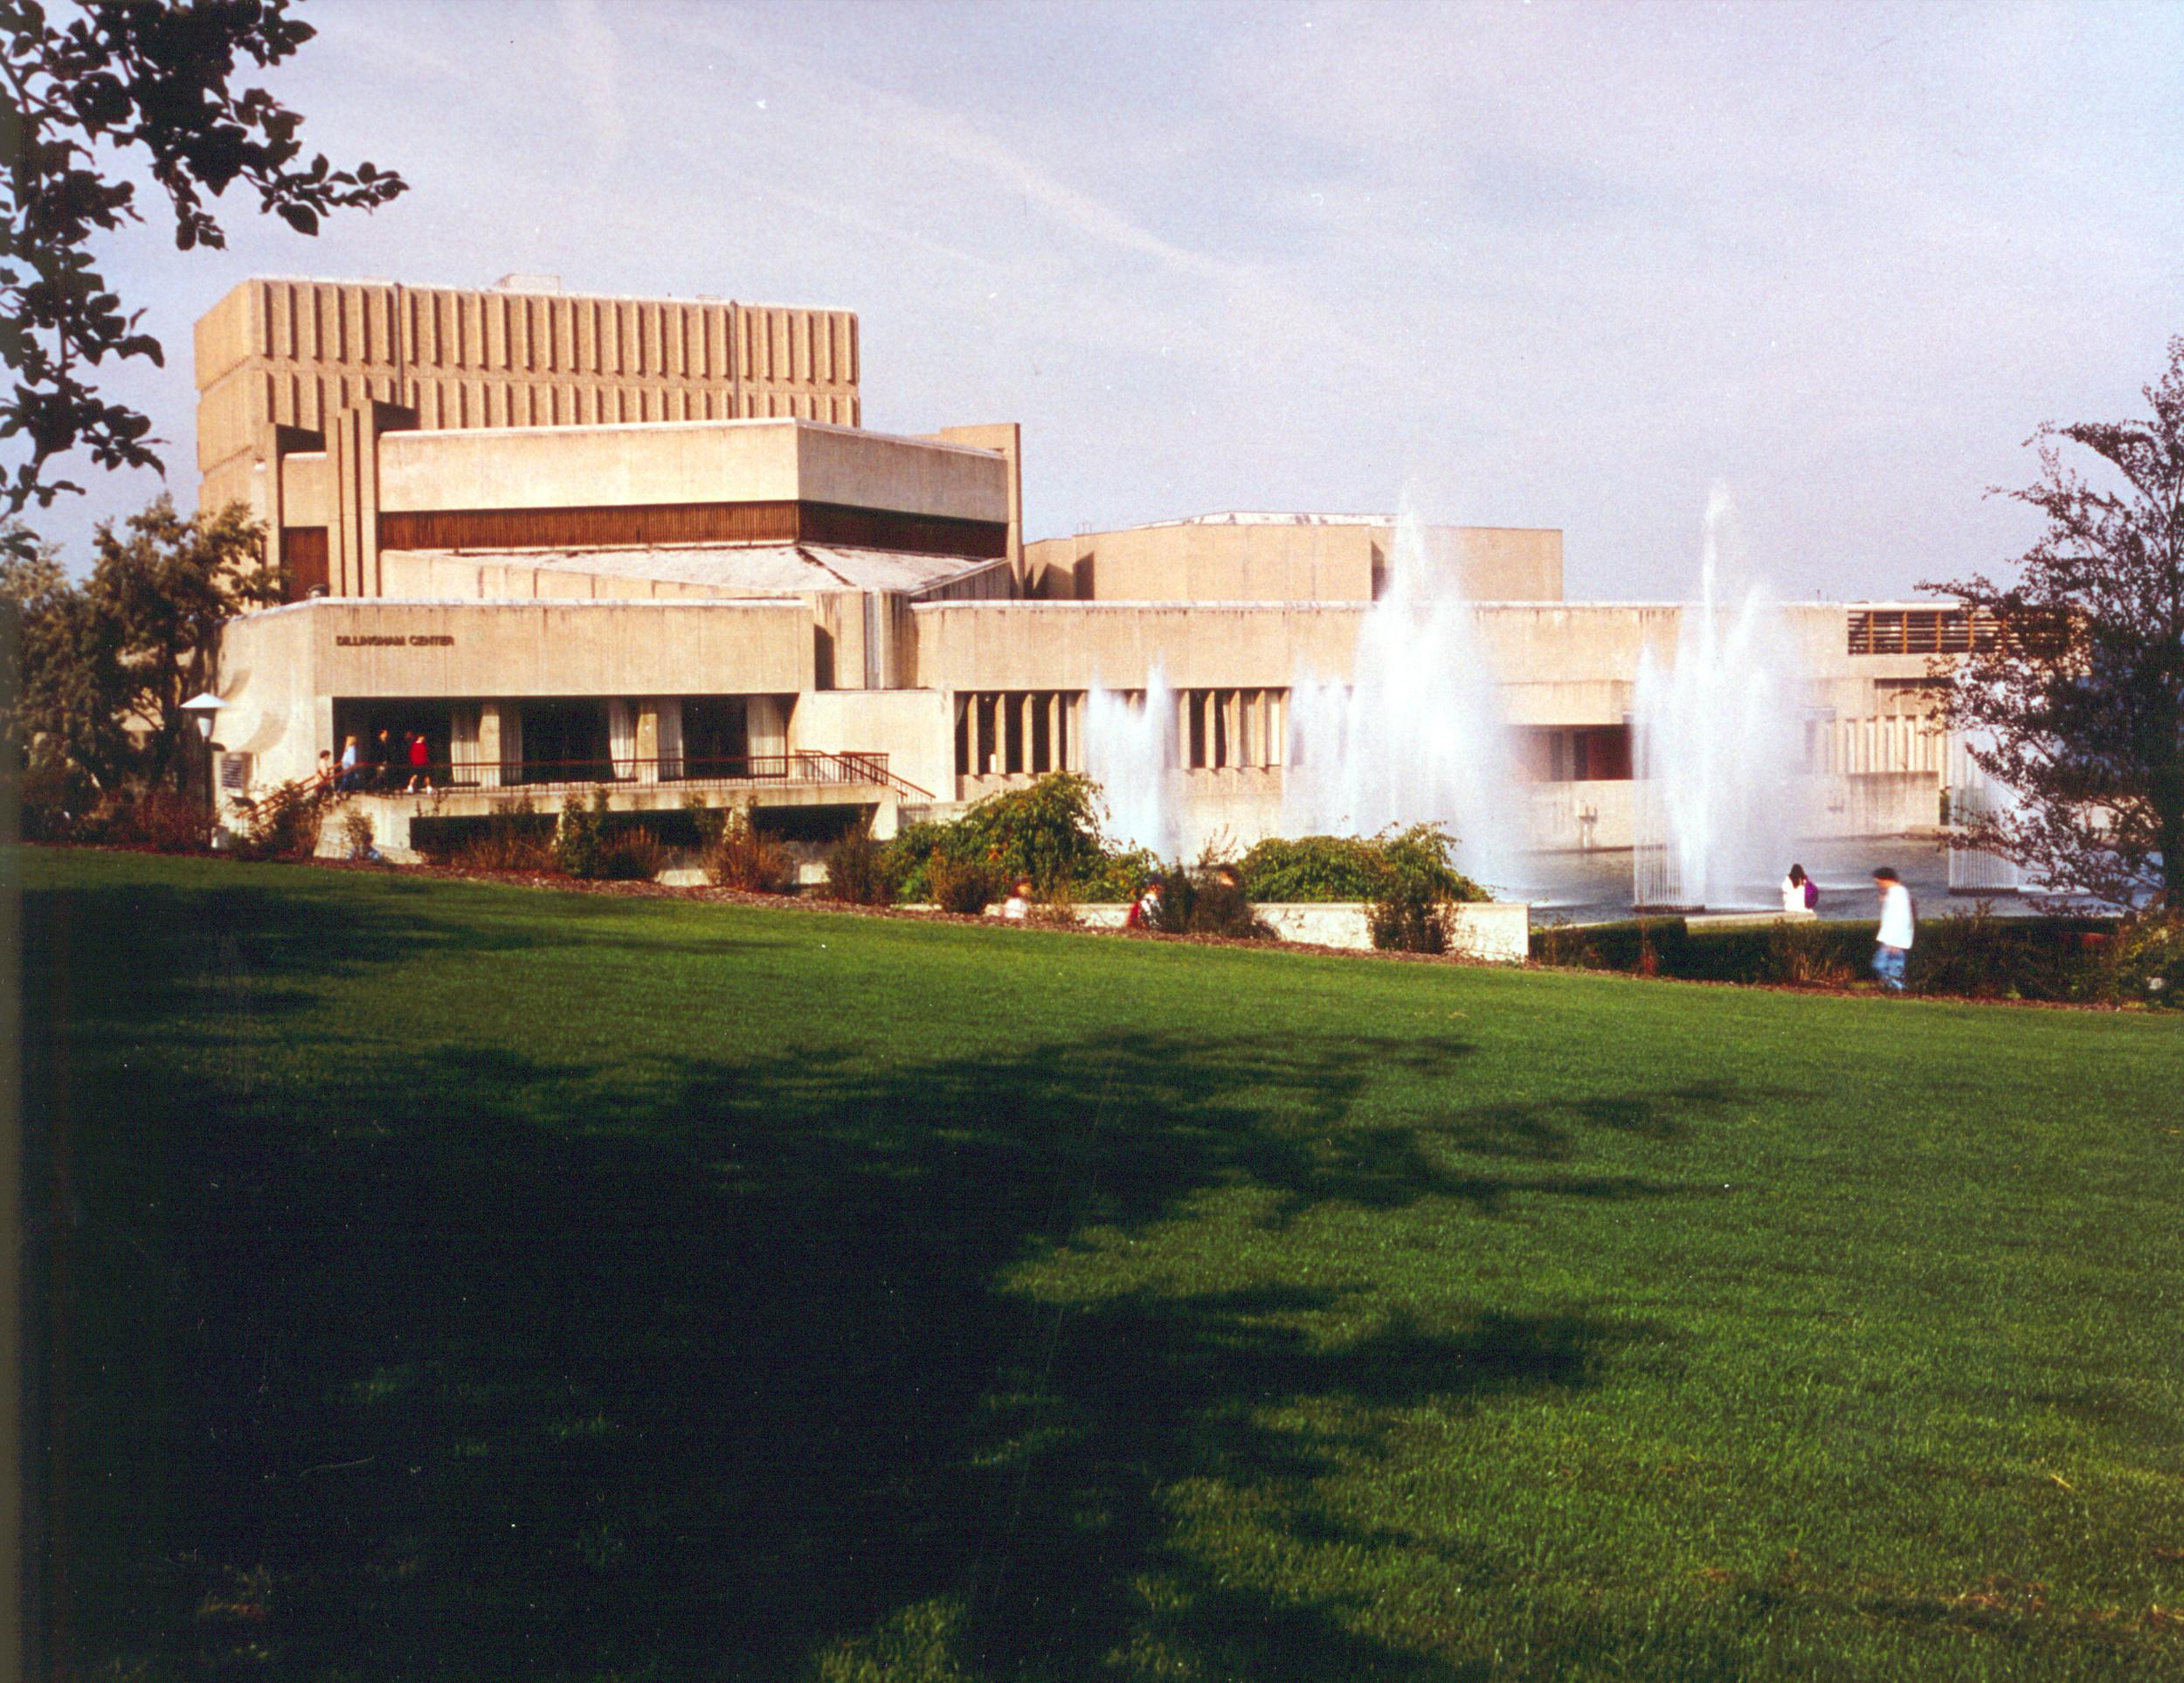 Dillingham, Ithaca College